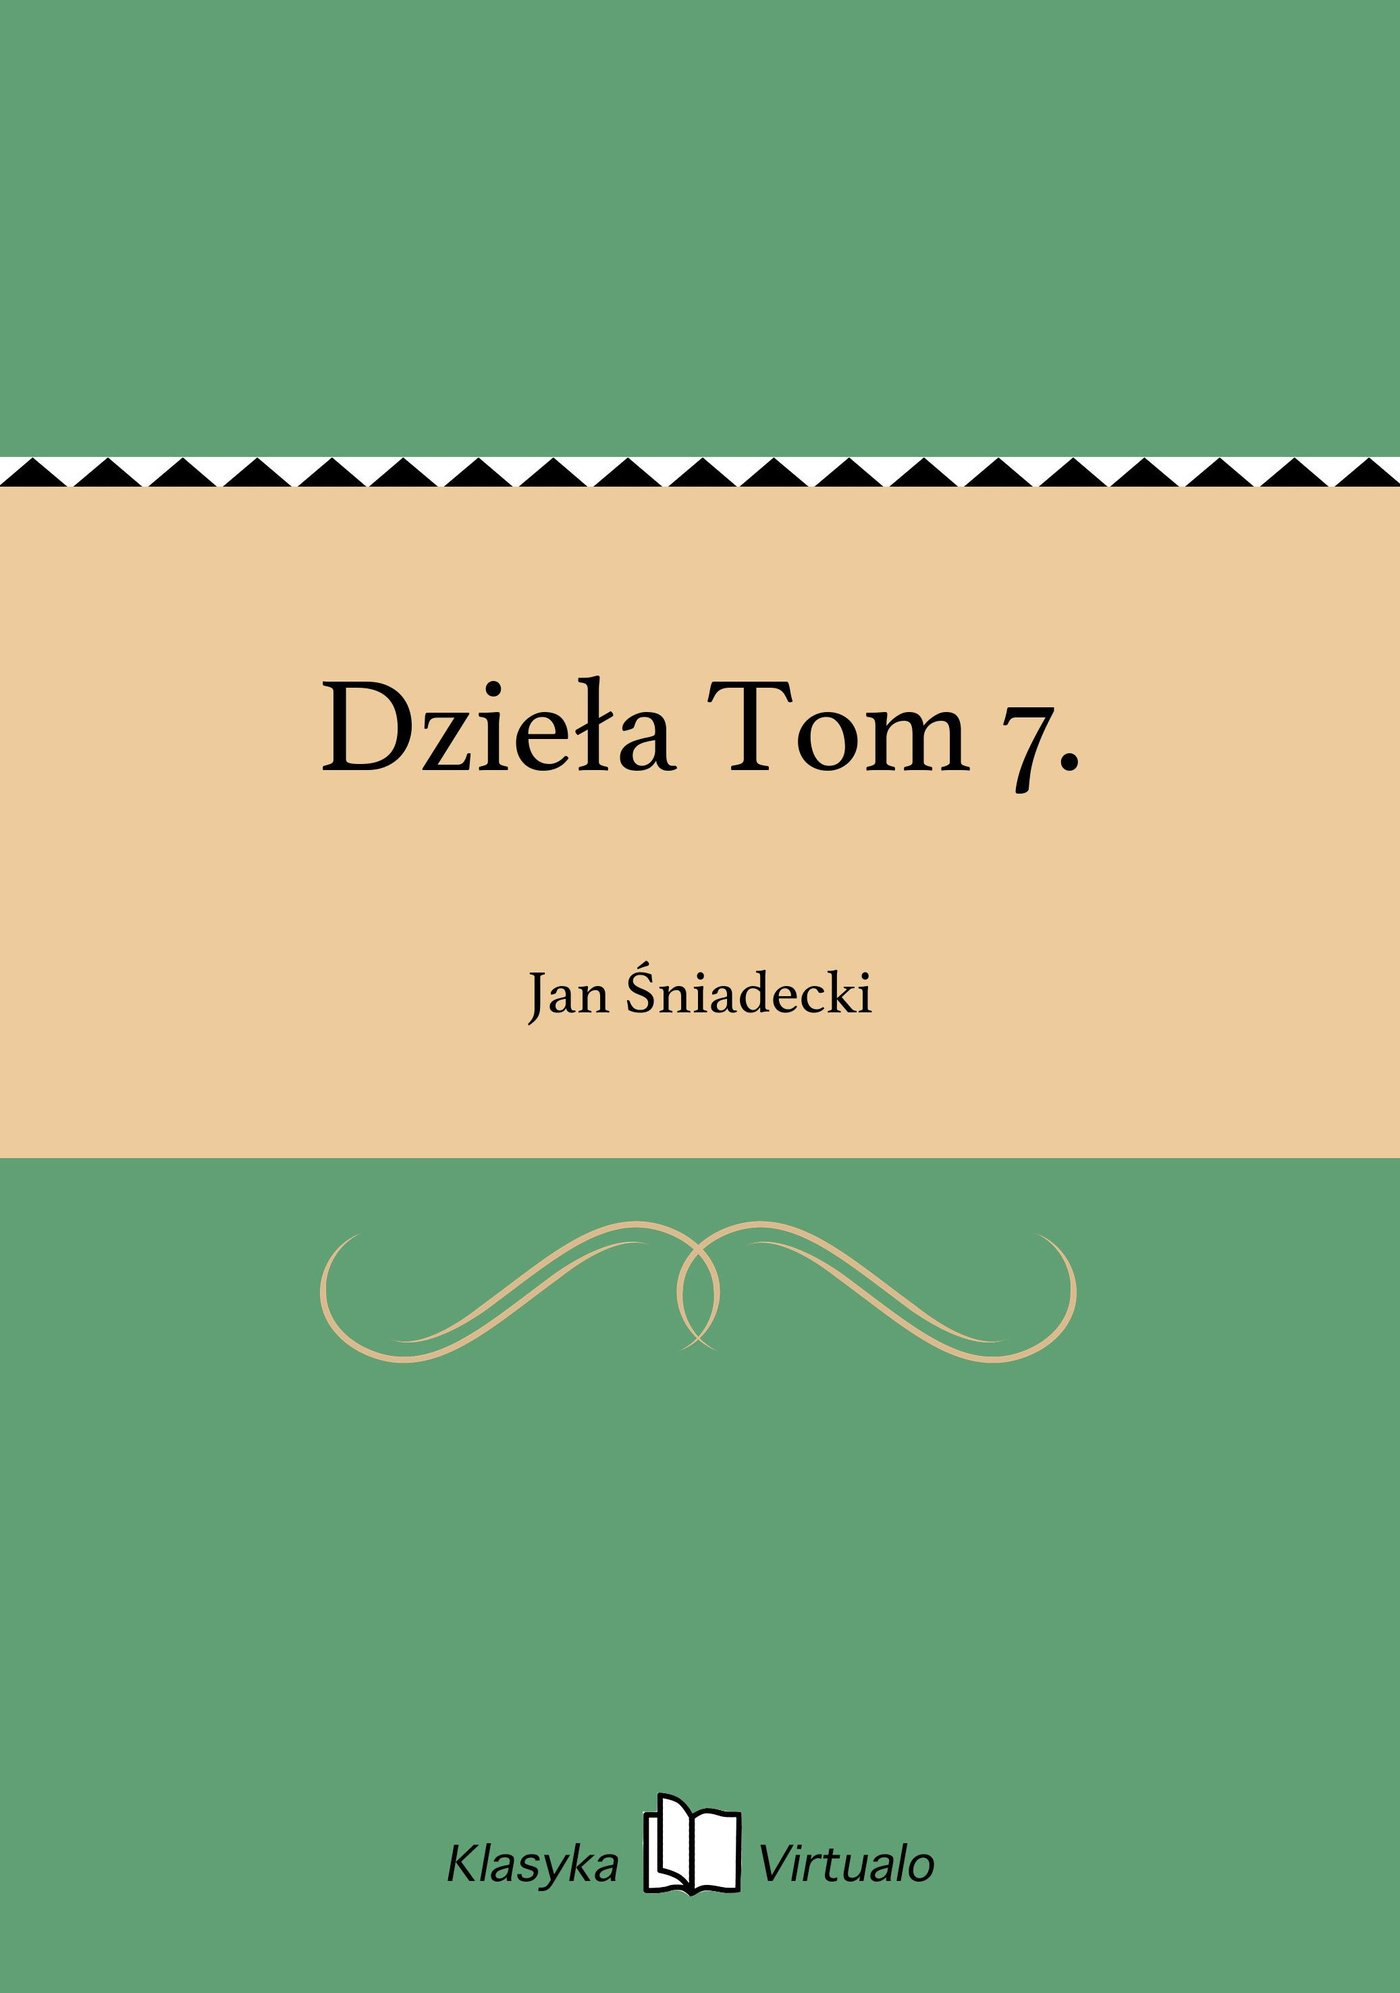 Dzieła Tom 7. - Ebook (Książka EPUB) do pobrania w formacie EPUB